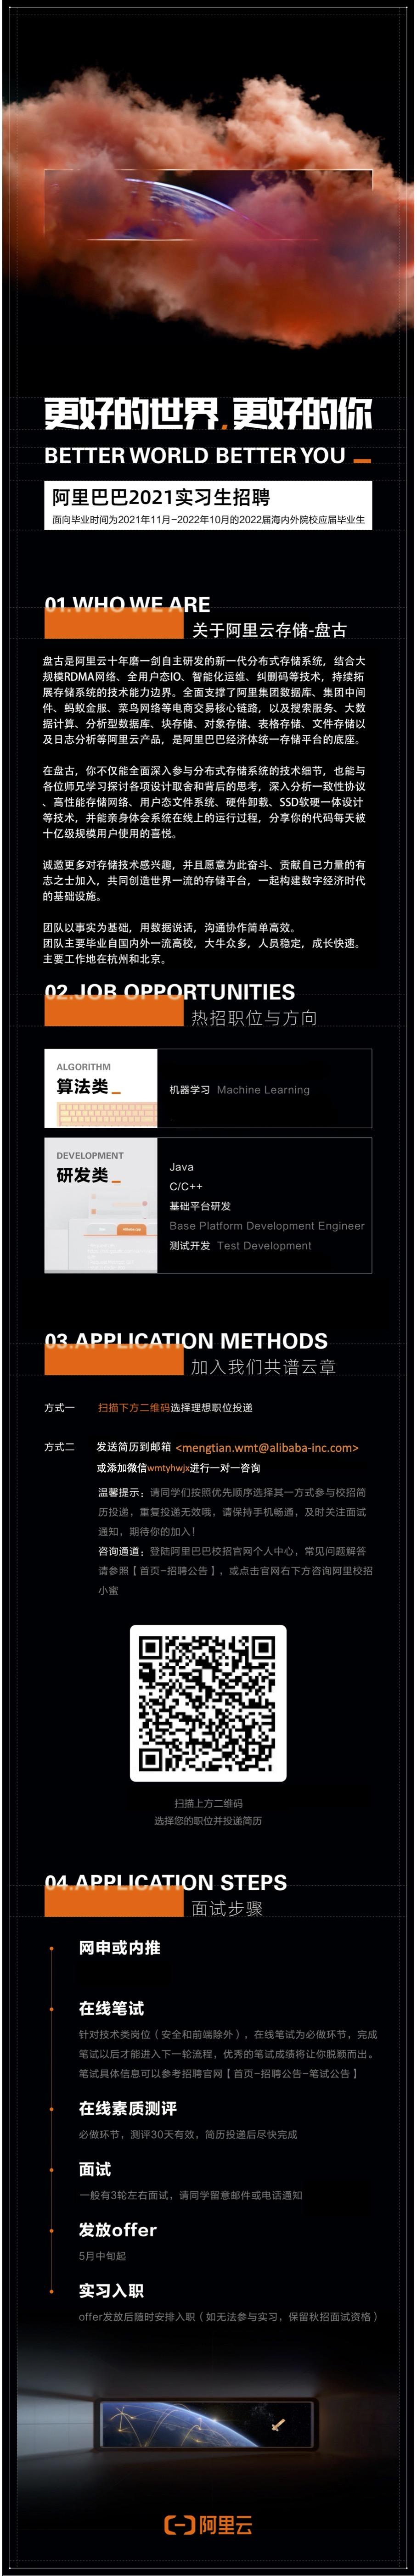 2021盘古实习招聘-新.JPG